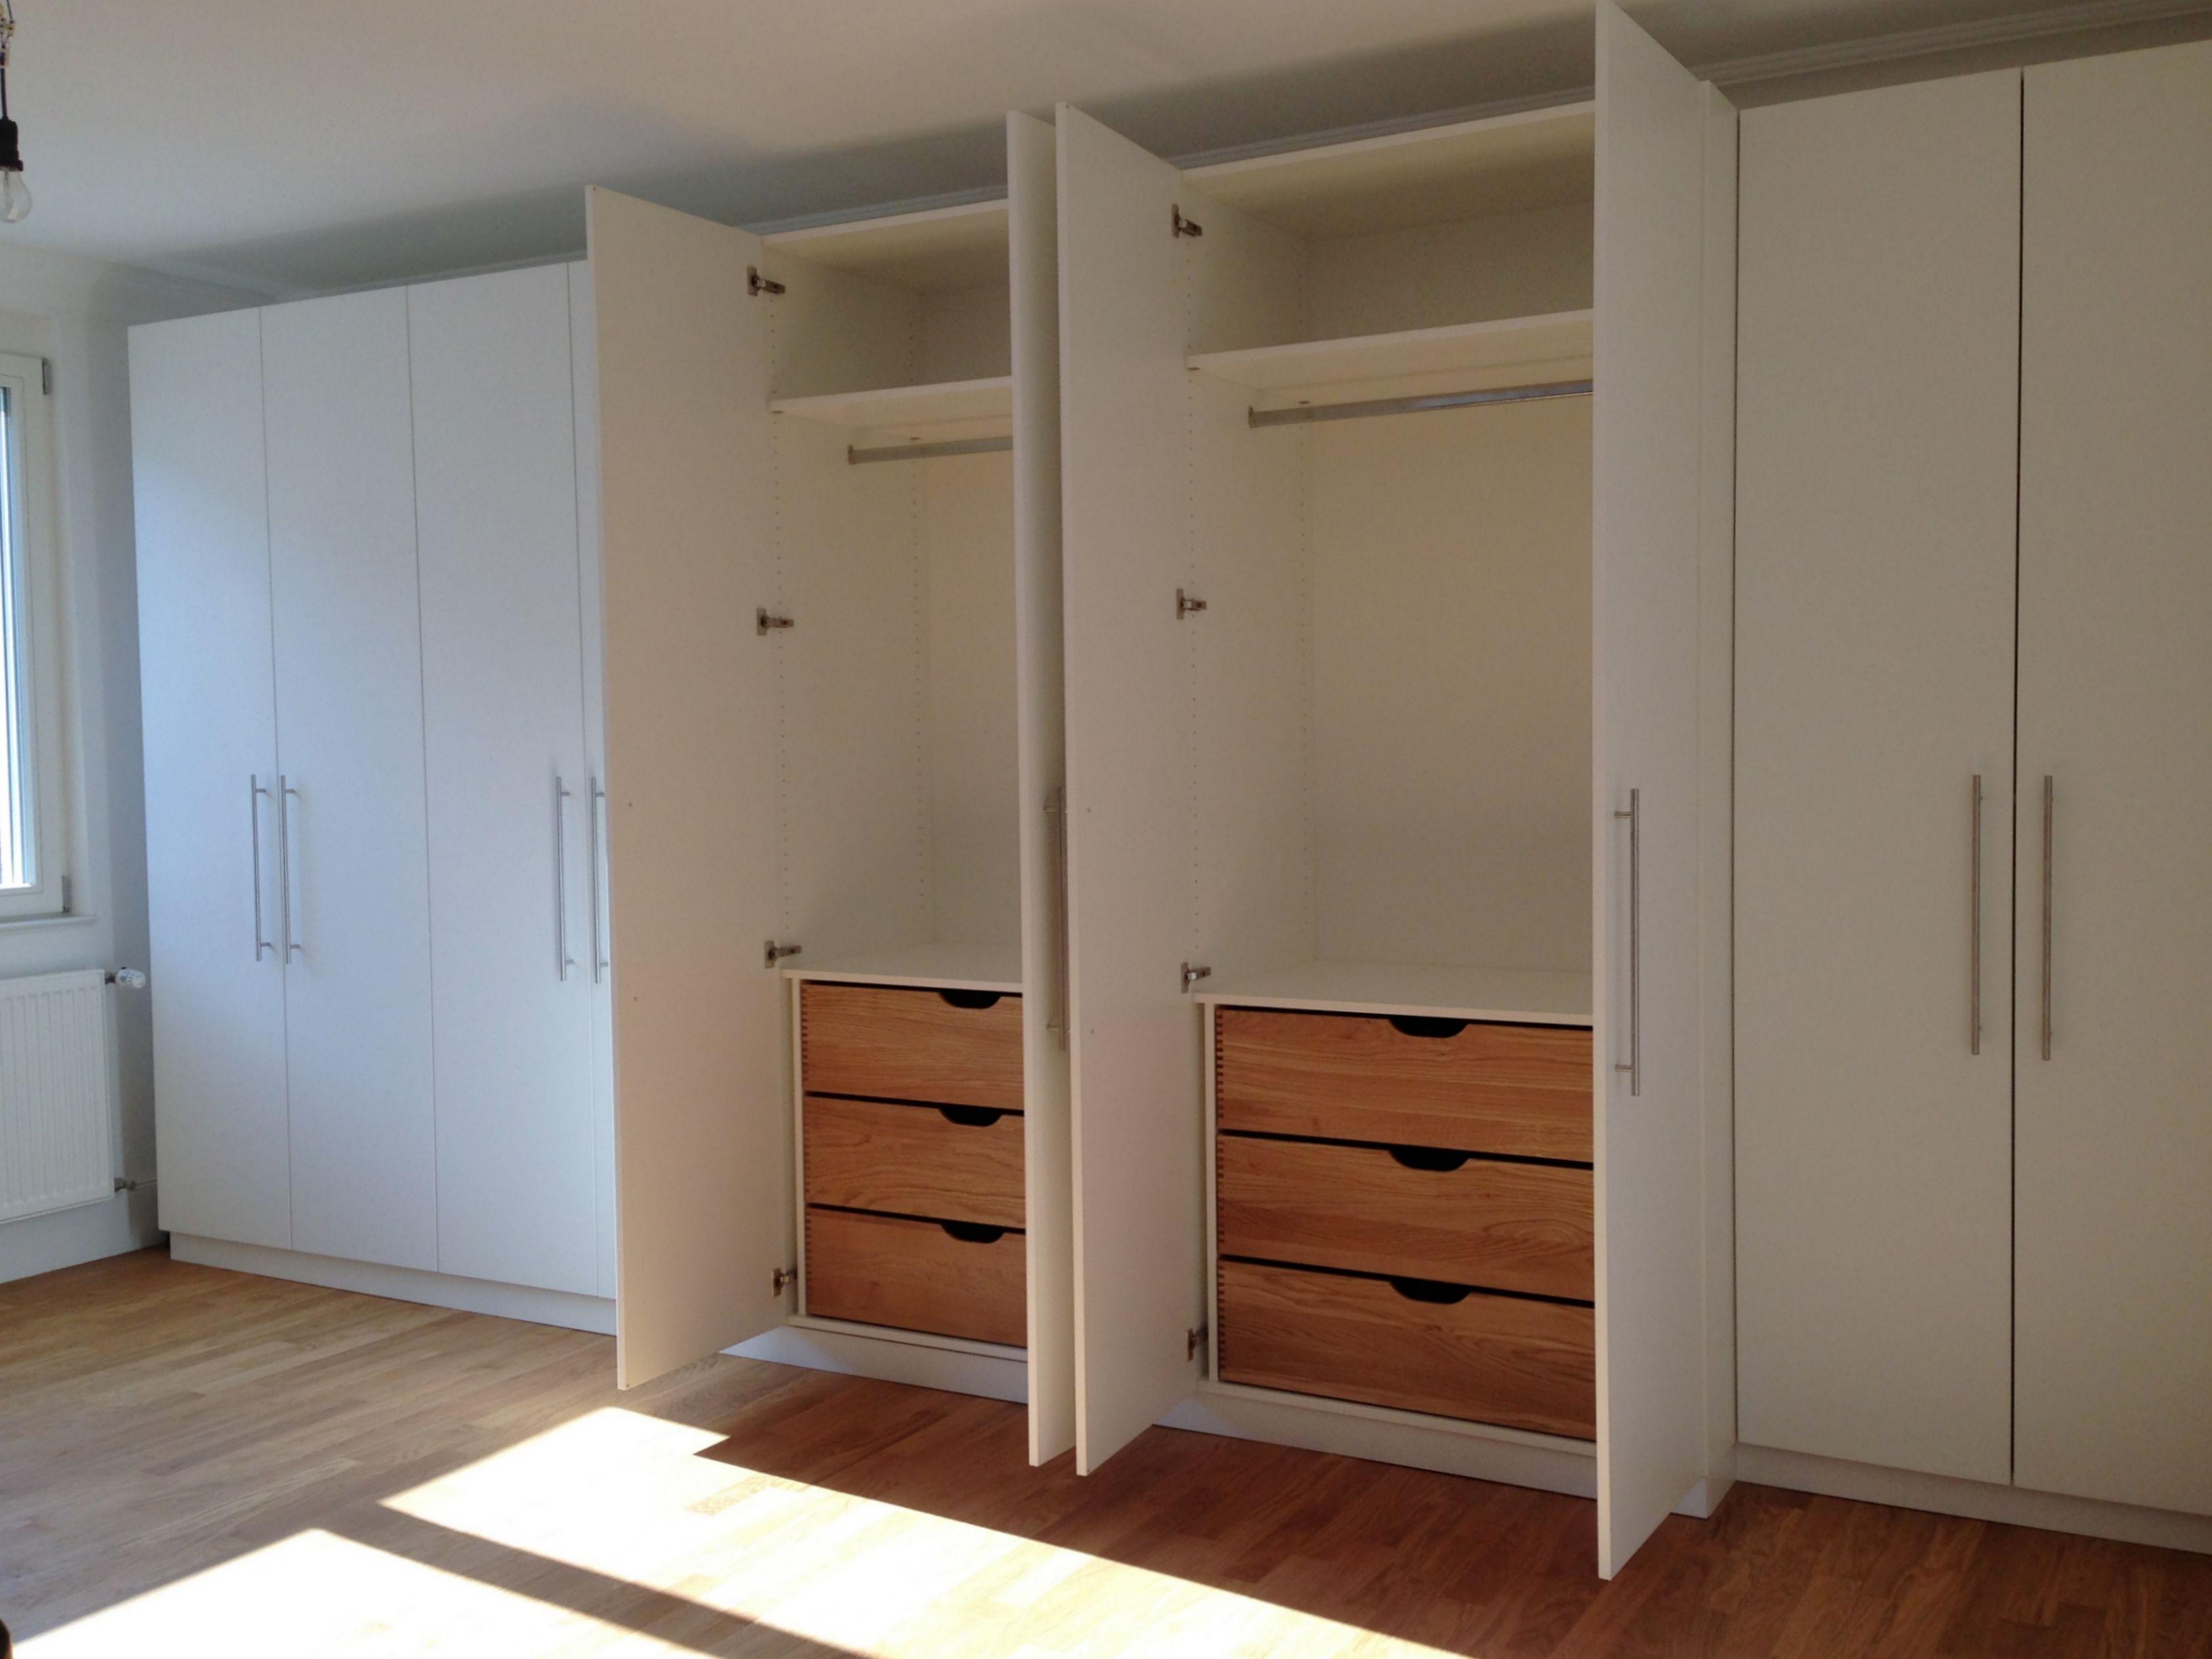 Schlafzimmerschrank Ankleide Zimmer Einbauschrank Ankleidezimmer